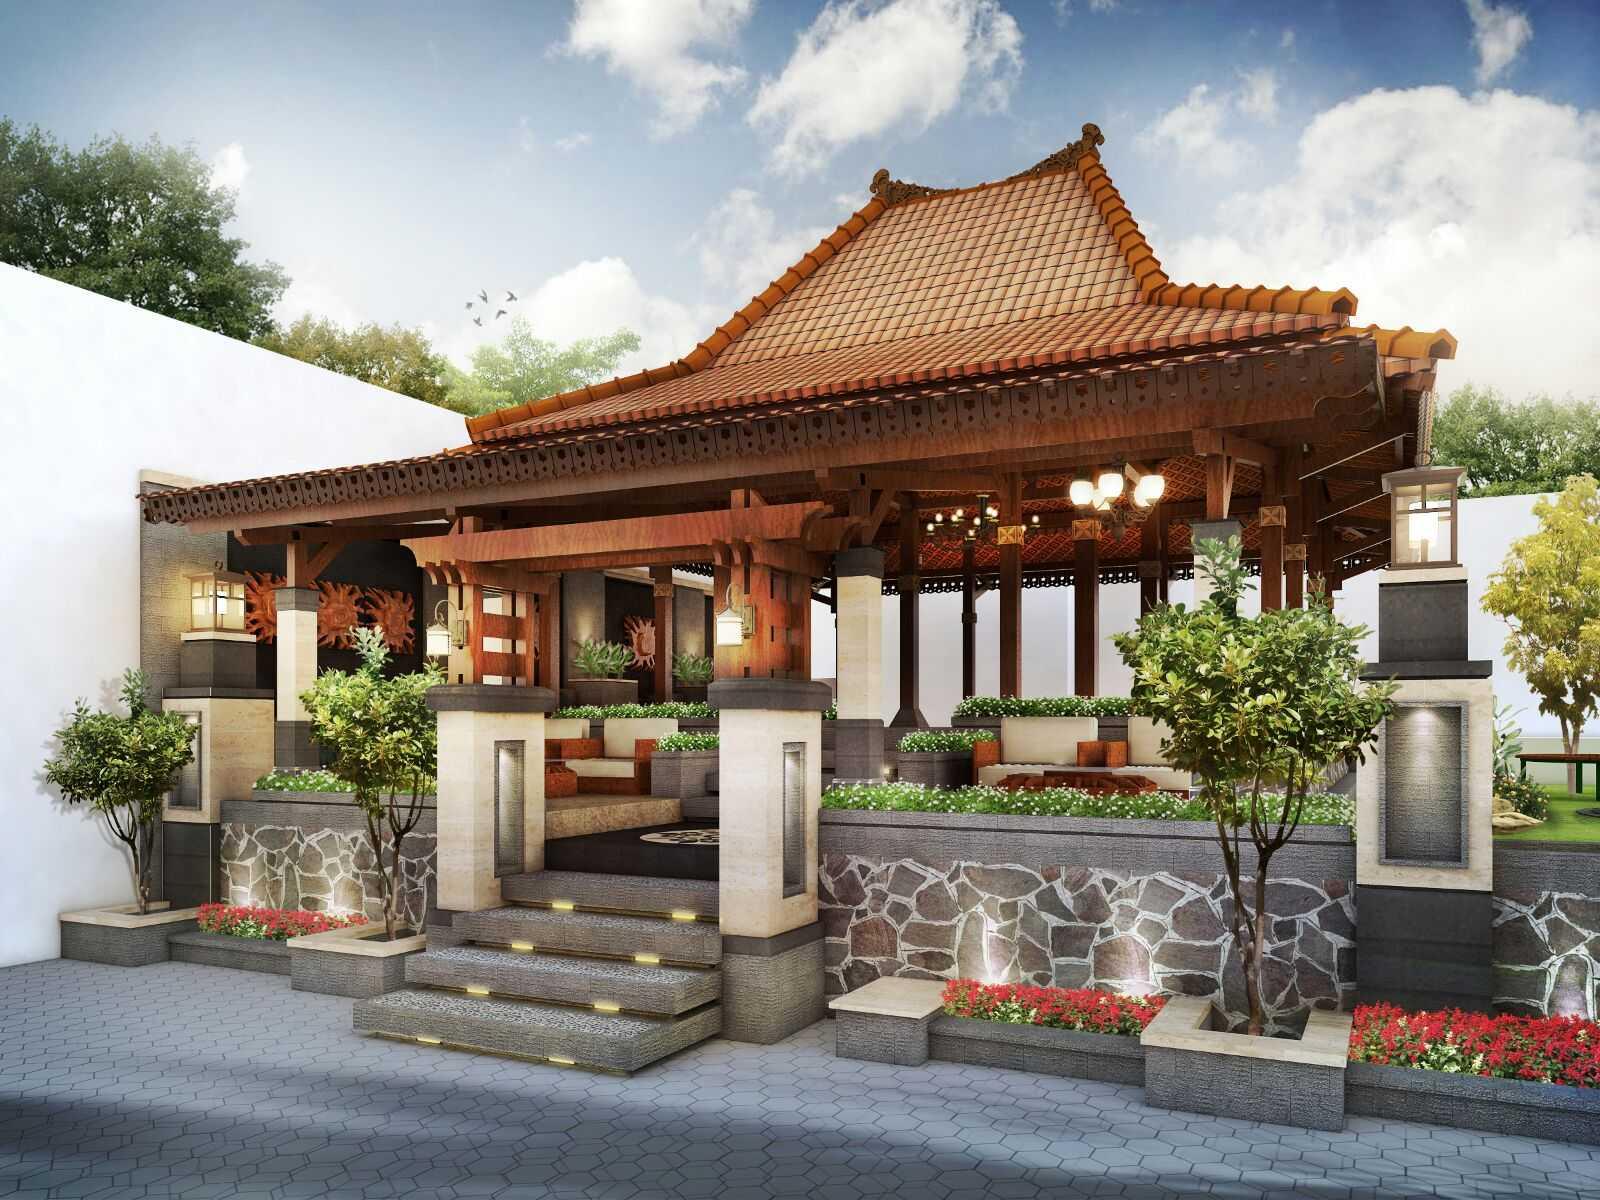 Hendra Budi Architect Chinese Joglo House Yogyakarta, Indonesia Yogyakarta, Indonesia Front-View-1 Asian  8318